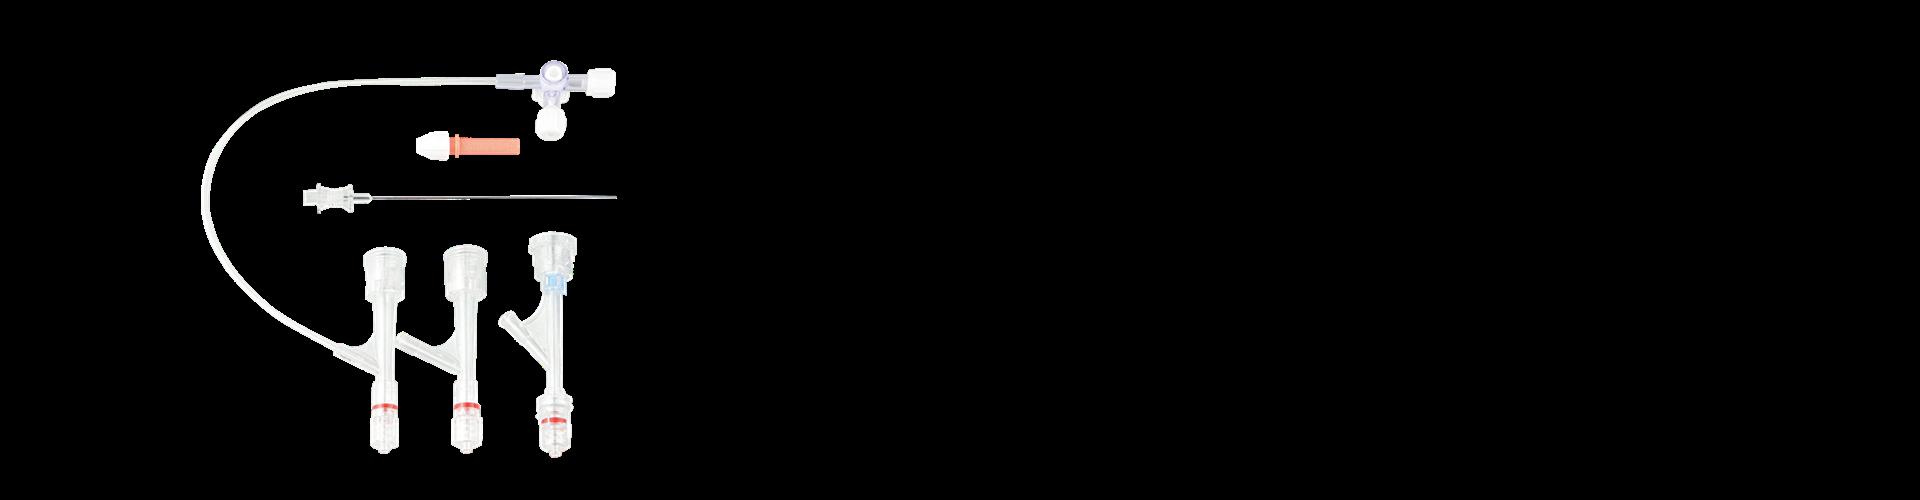 Y Connector Sets